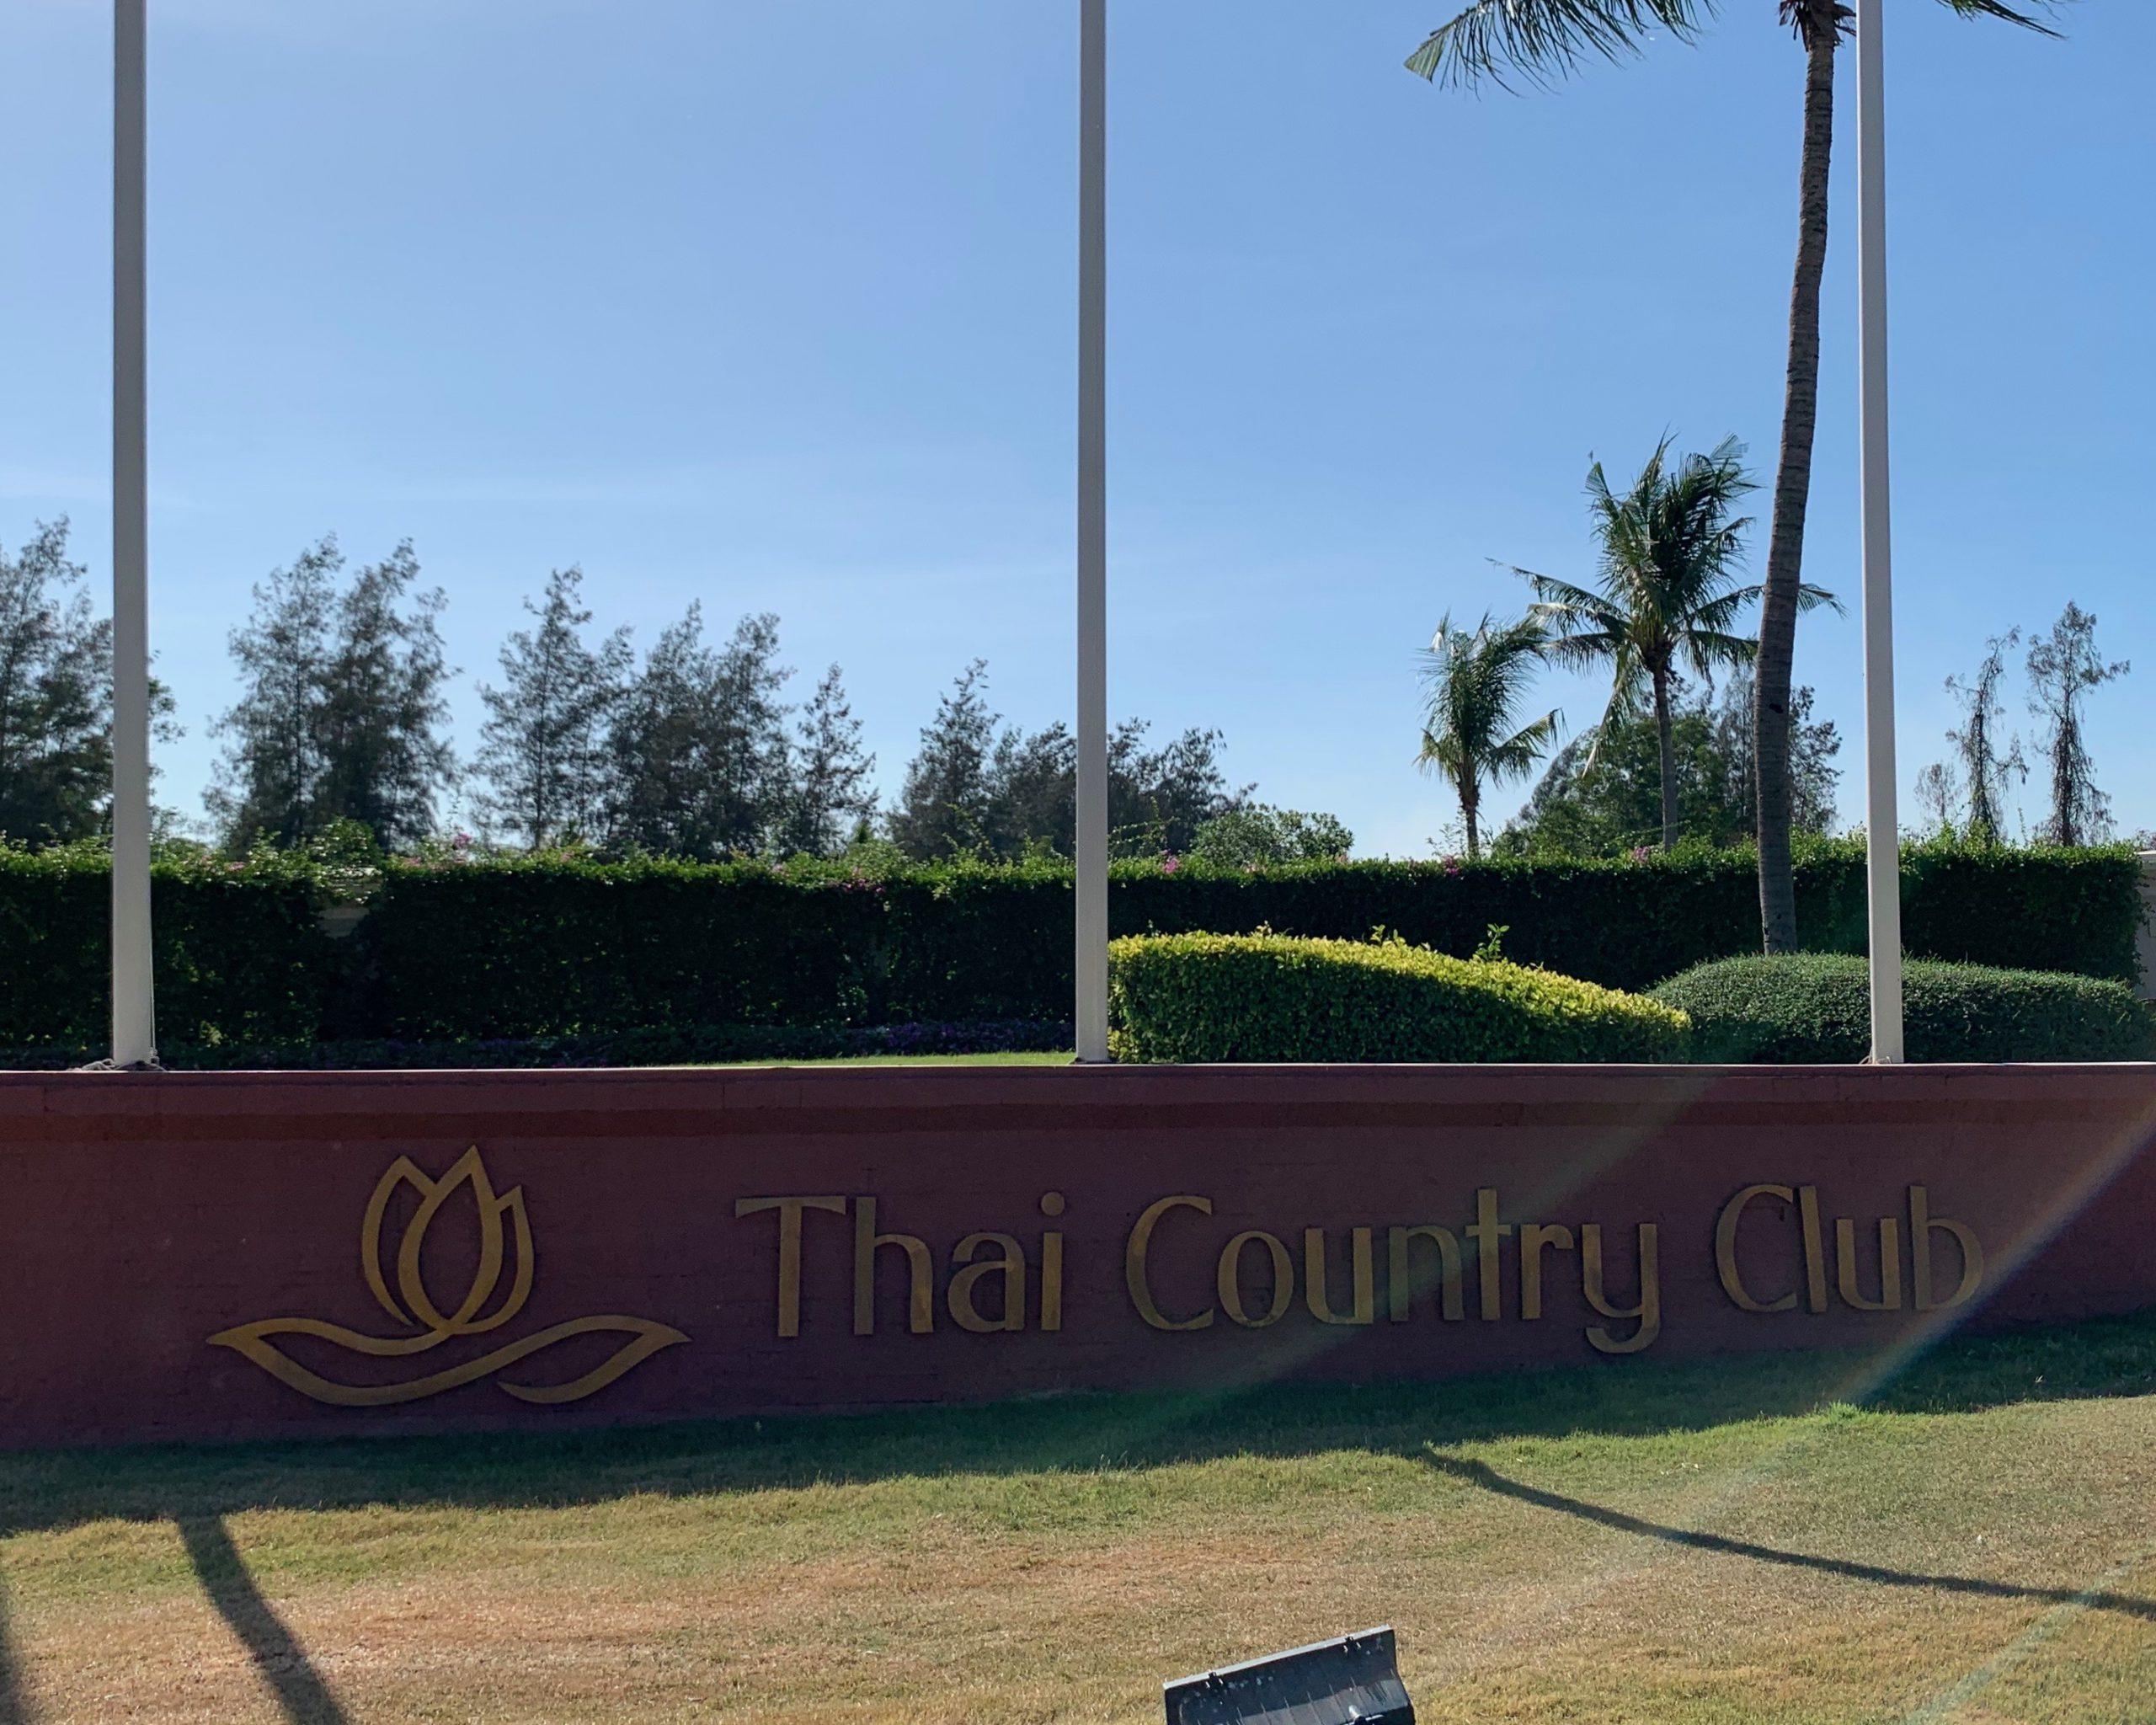 アジアでもトップクラスの名門コース「タイカントリークラブ(Thai Country Club)」